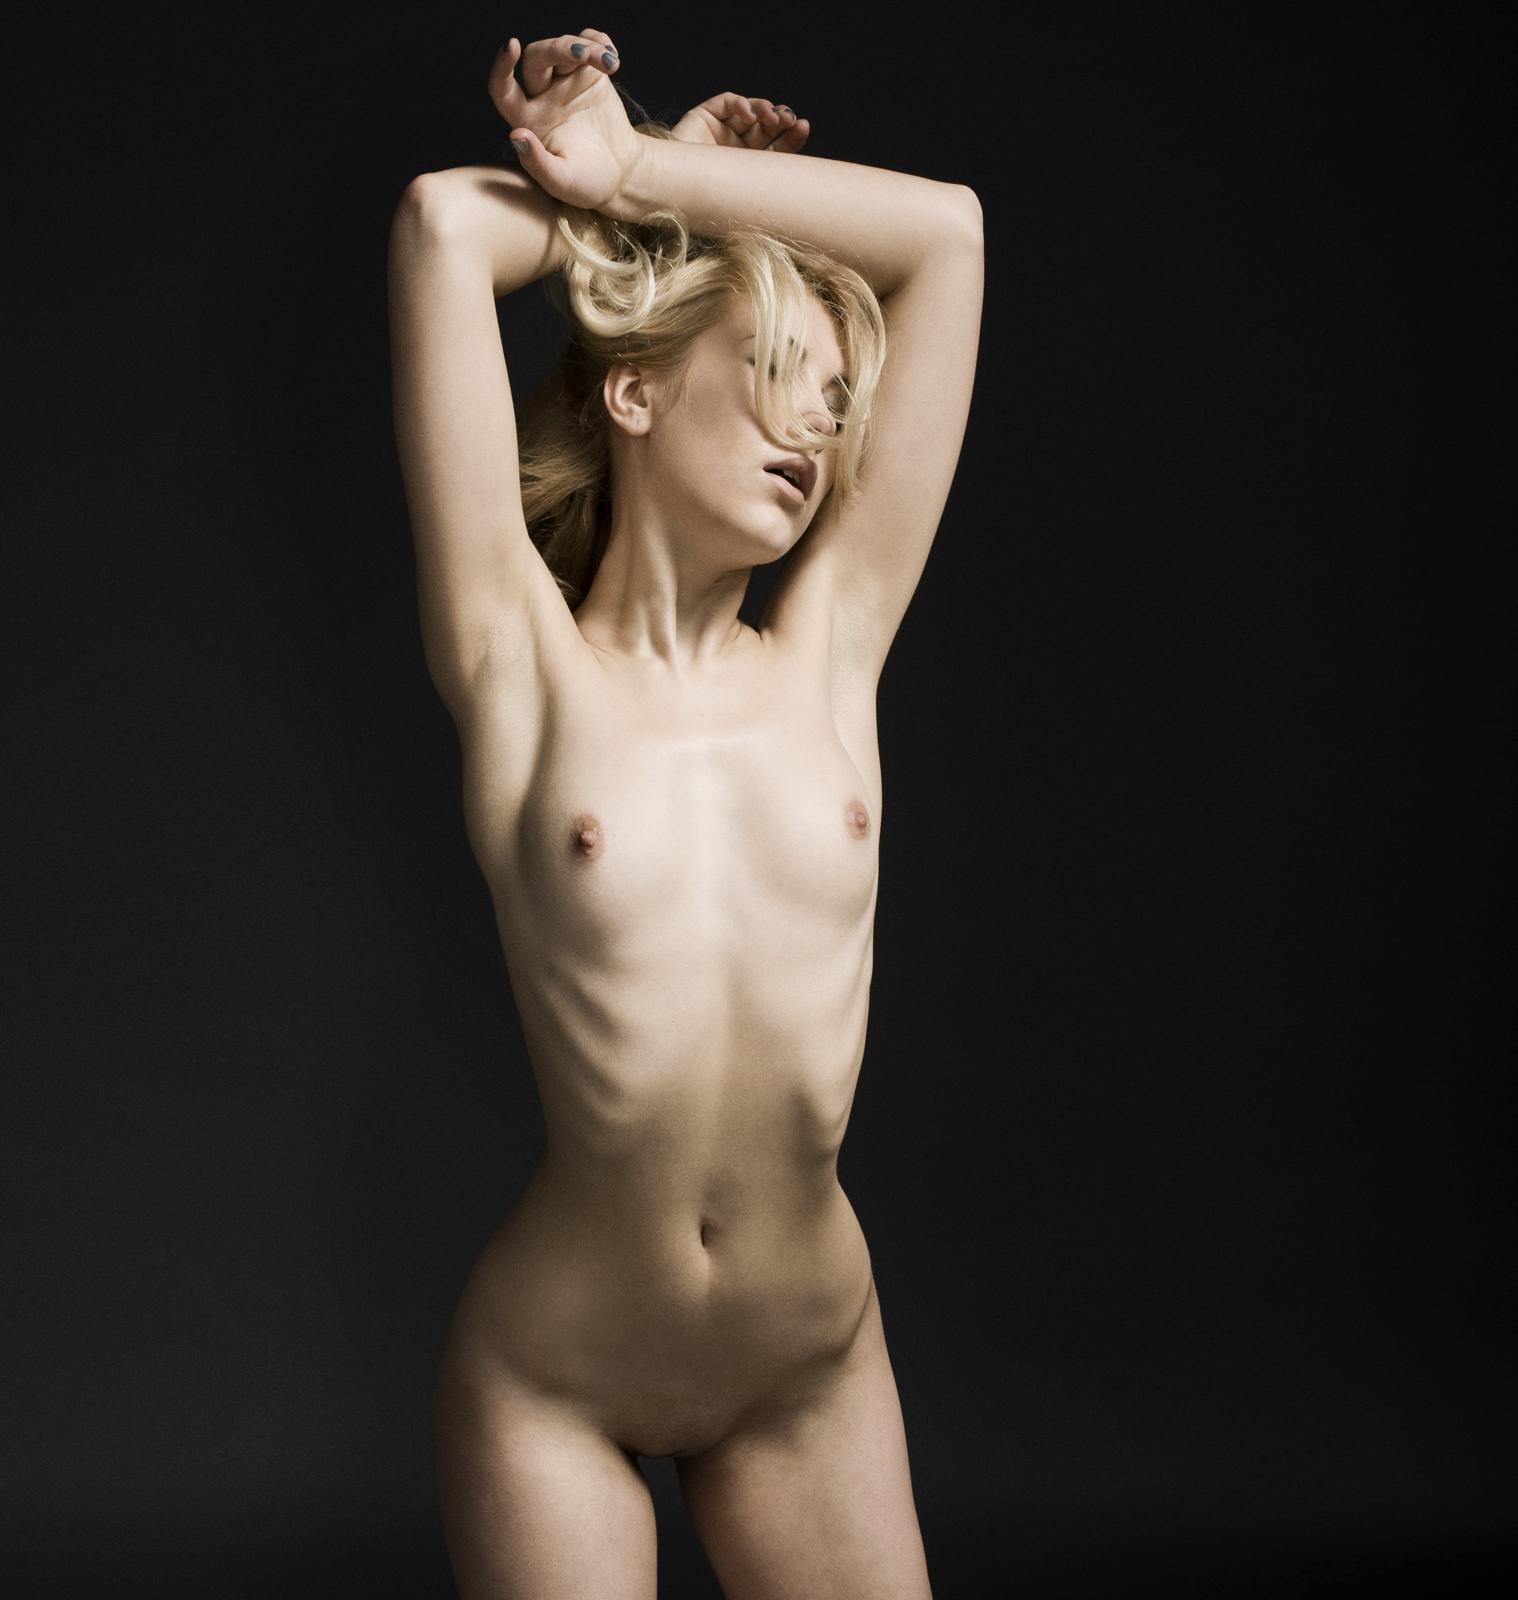 nude-skinny-girls-slim-body-mix-73